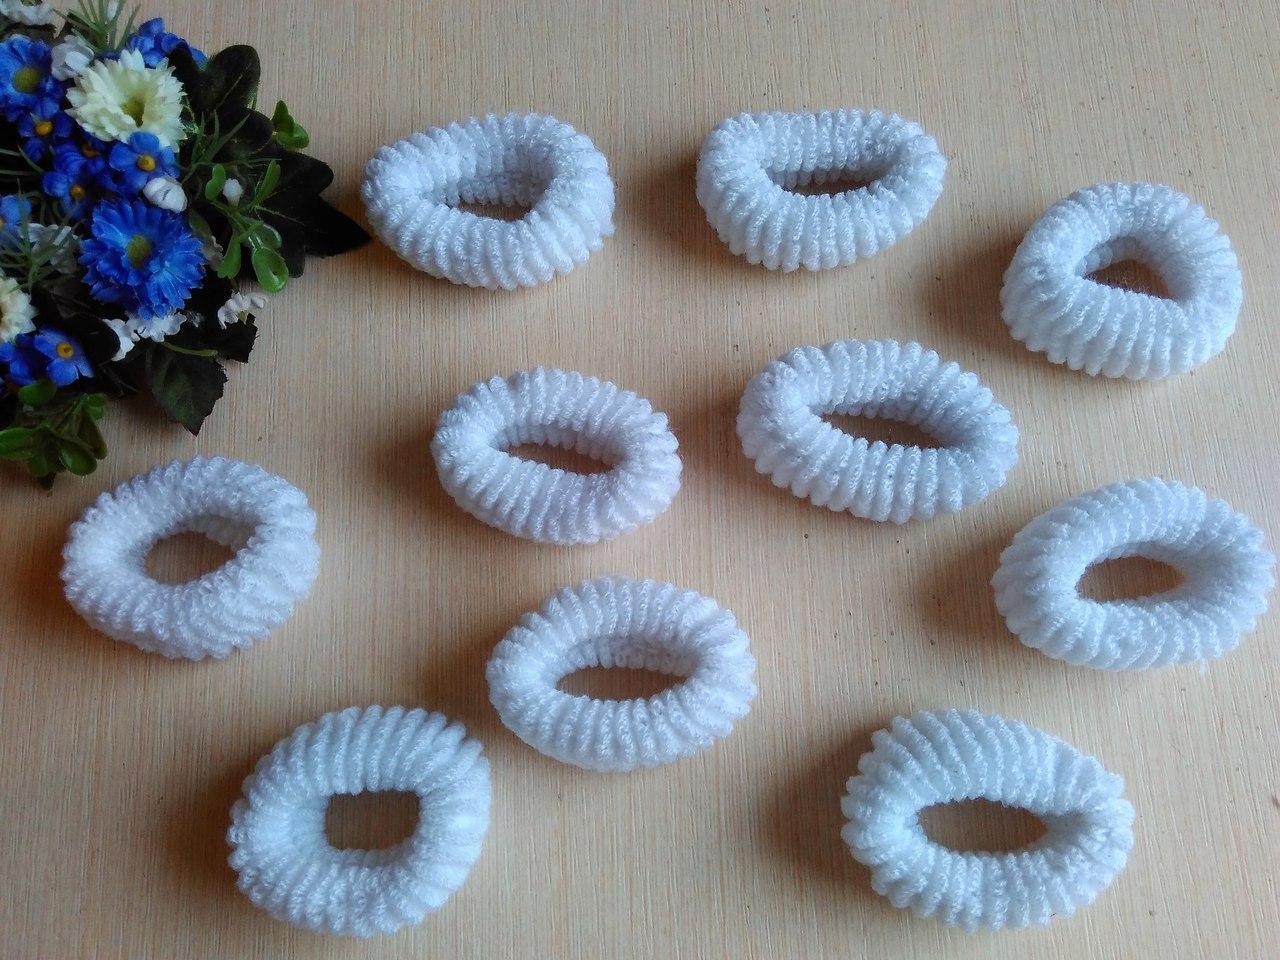 Резинки крупные белые 6,5 см длина 3 см высота